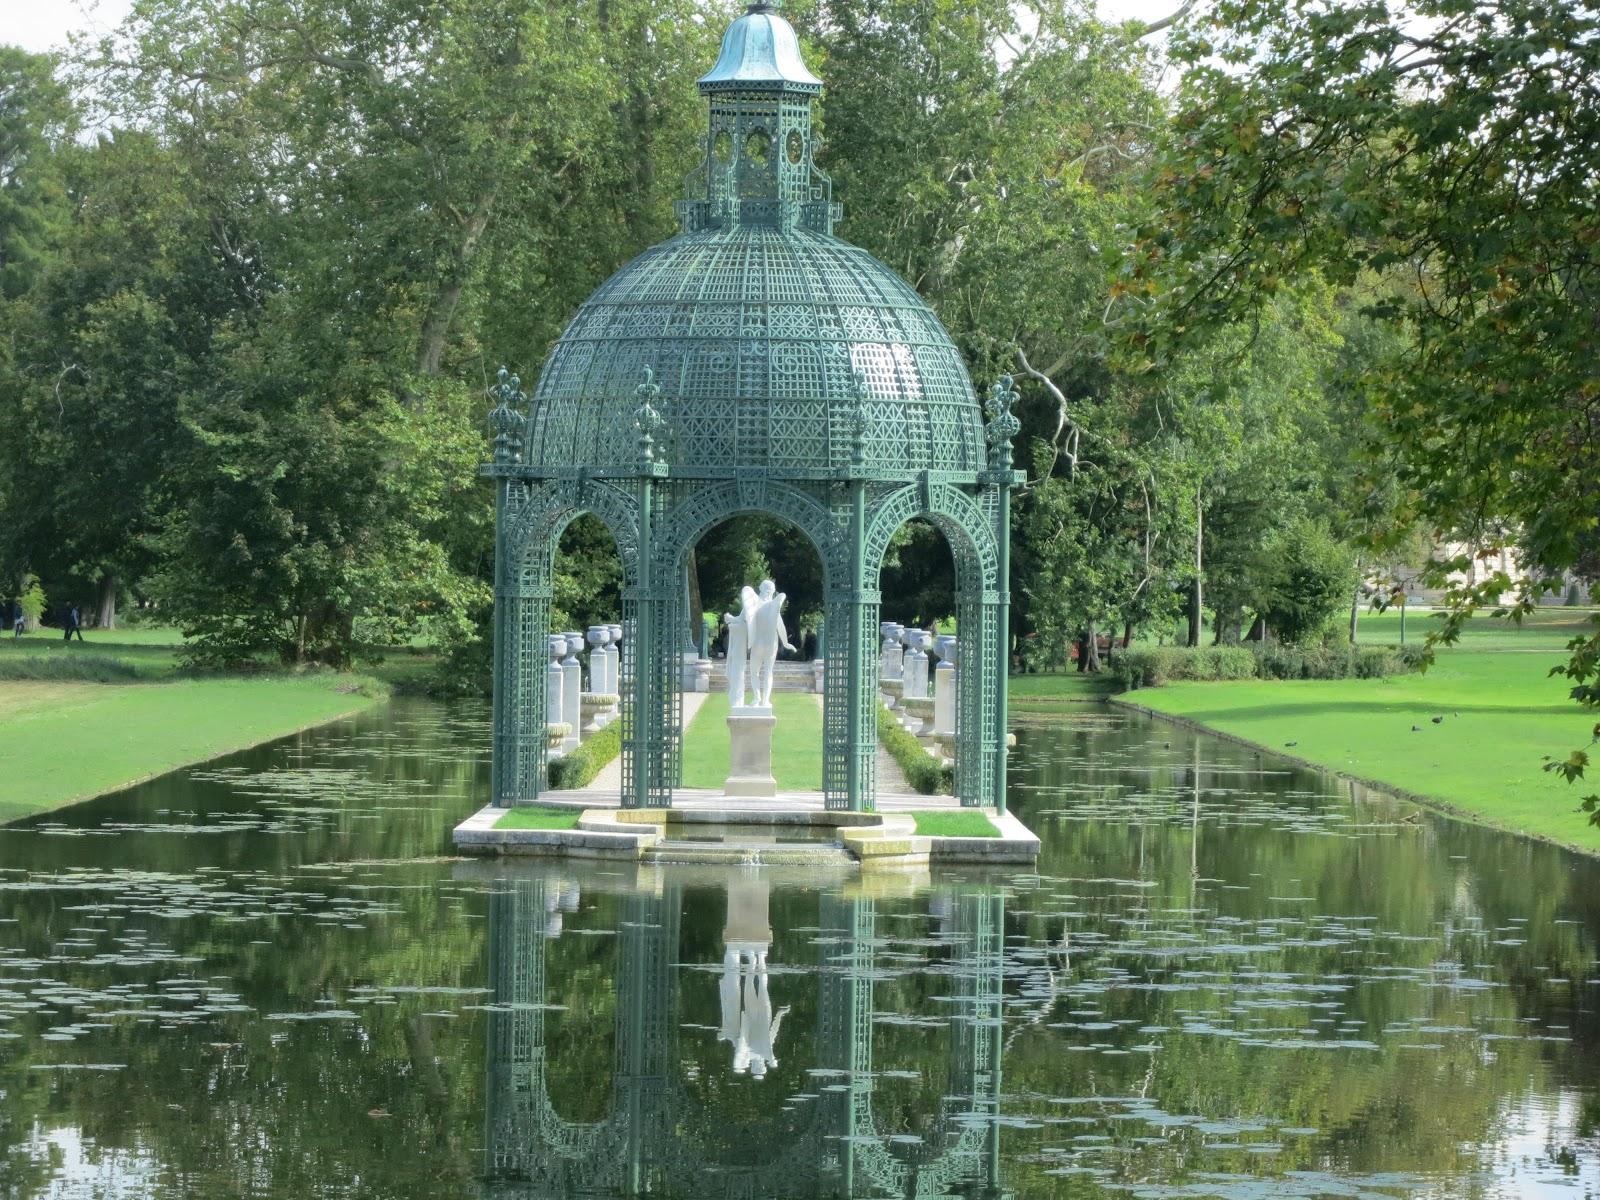 Le blog de parcs et jardins de l 39 oise le parc du chateau for Les plus beaux jardins anglais